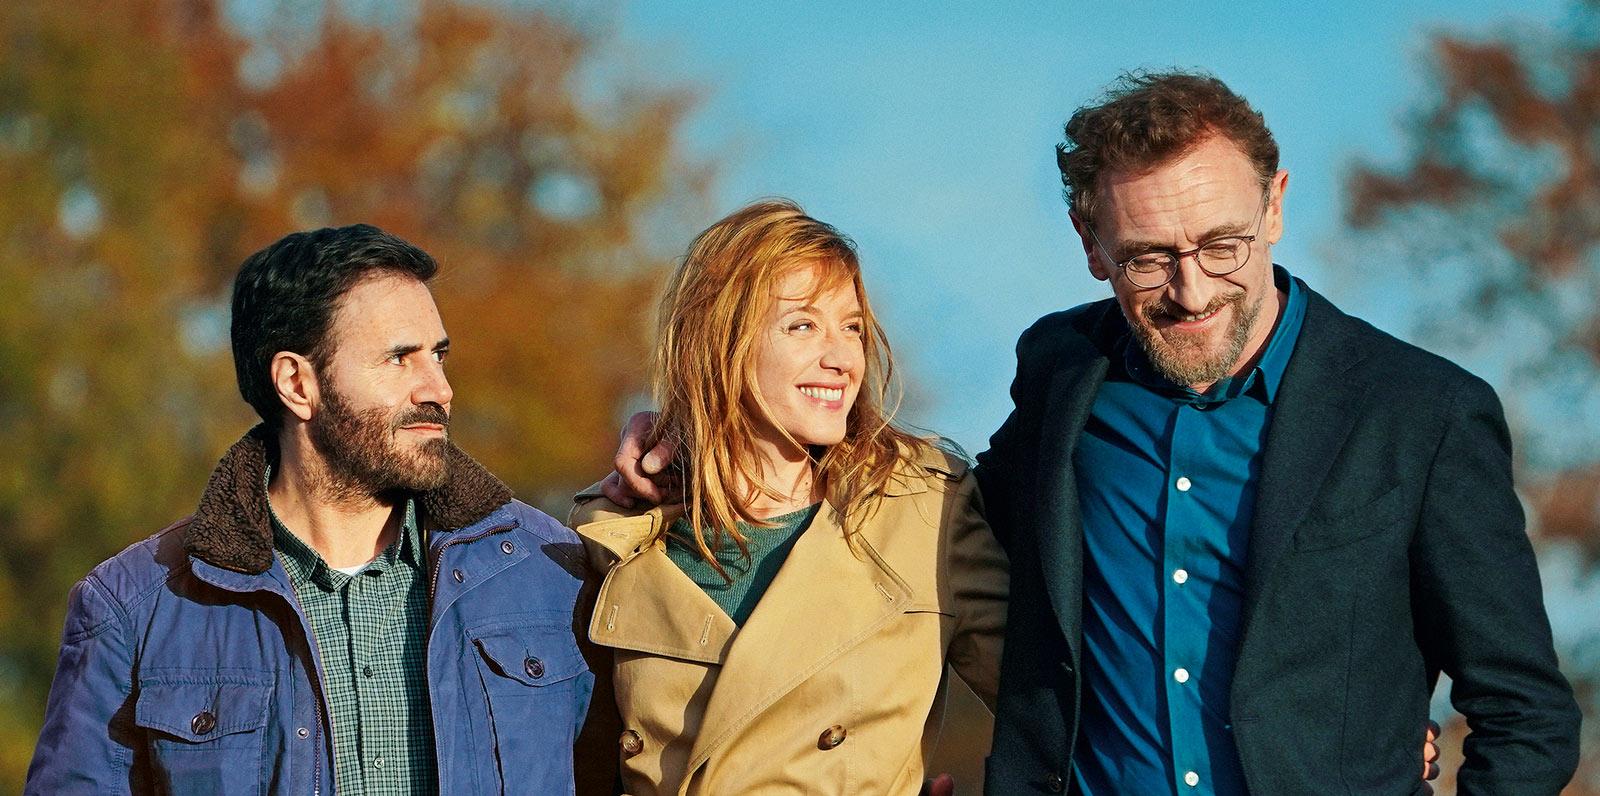 Lola et ses frères critique film avis Angoulême 2018 Jean-Paul Rouve, José Garcia, Ludivine Sagnier